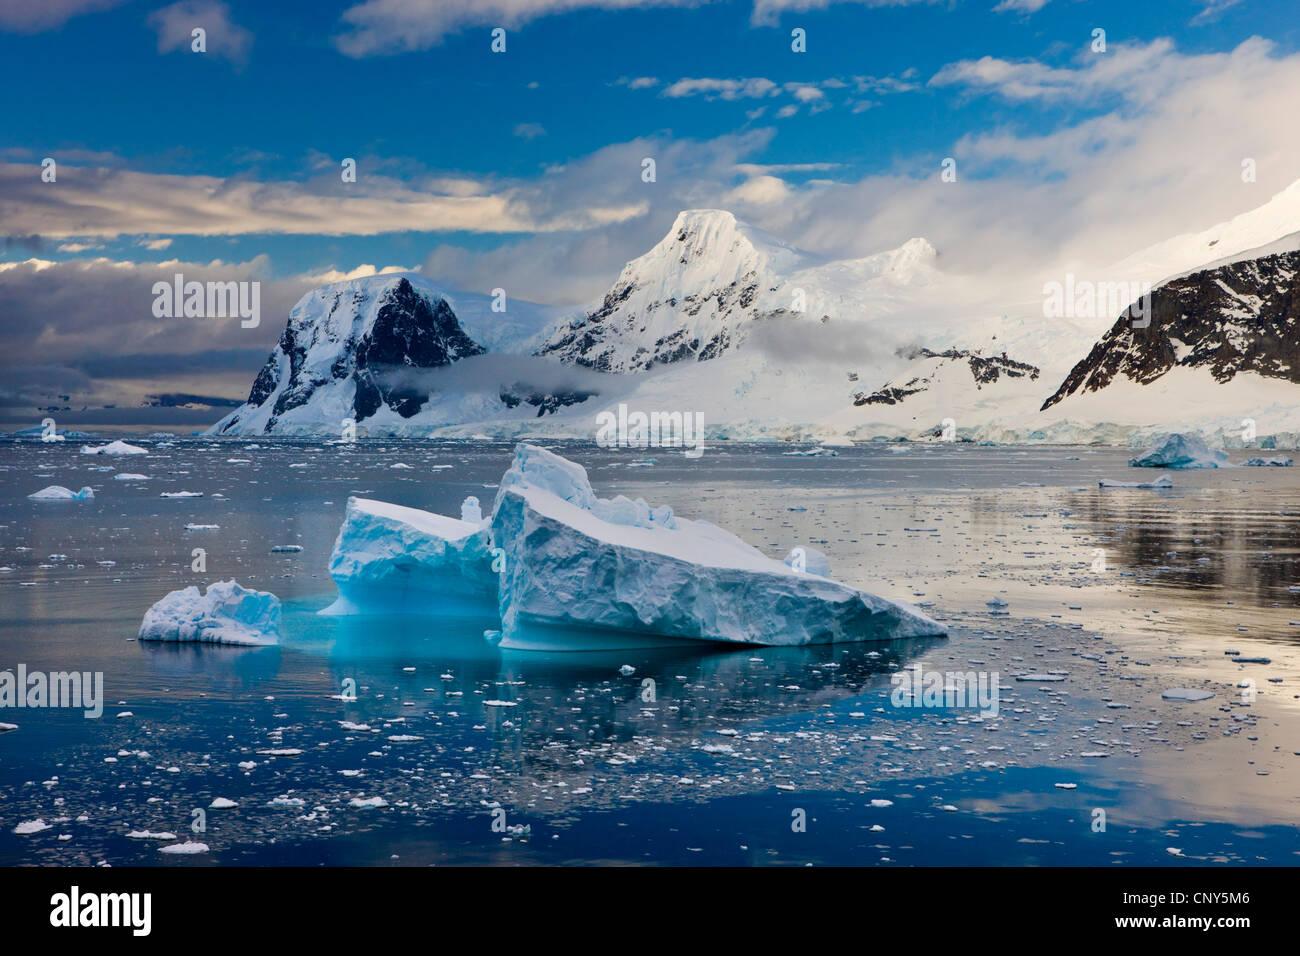 Les icebergs près des montagnes enneigées sur la Gerlache tout droit, Péninsule Antarctique, l'Antarctique. Photo Stock